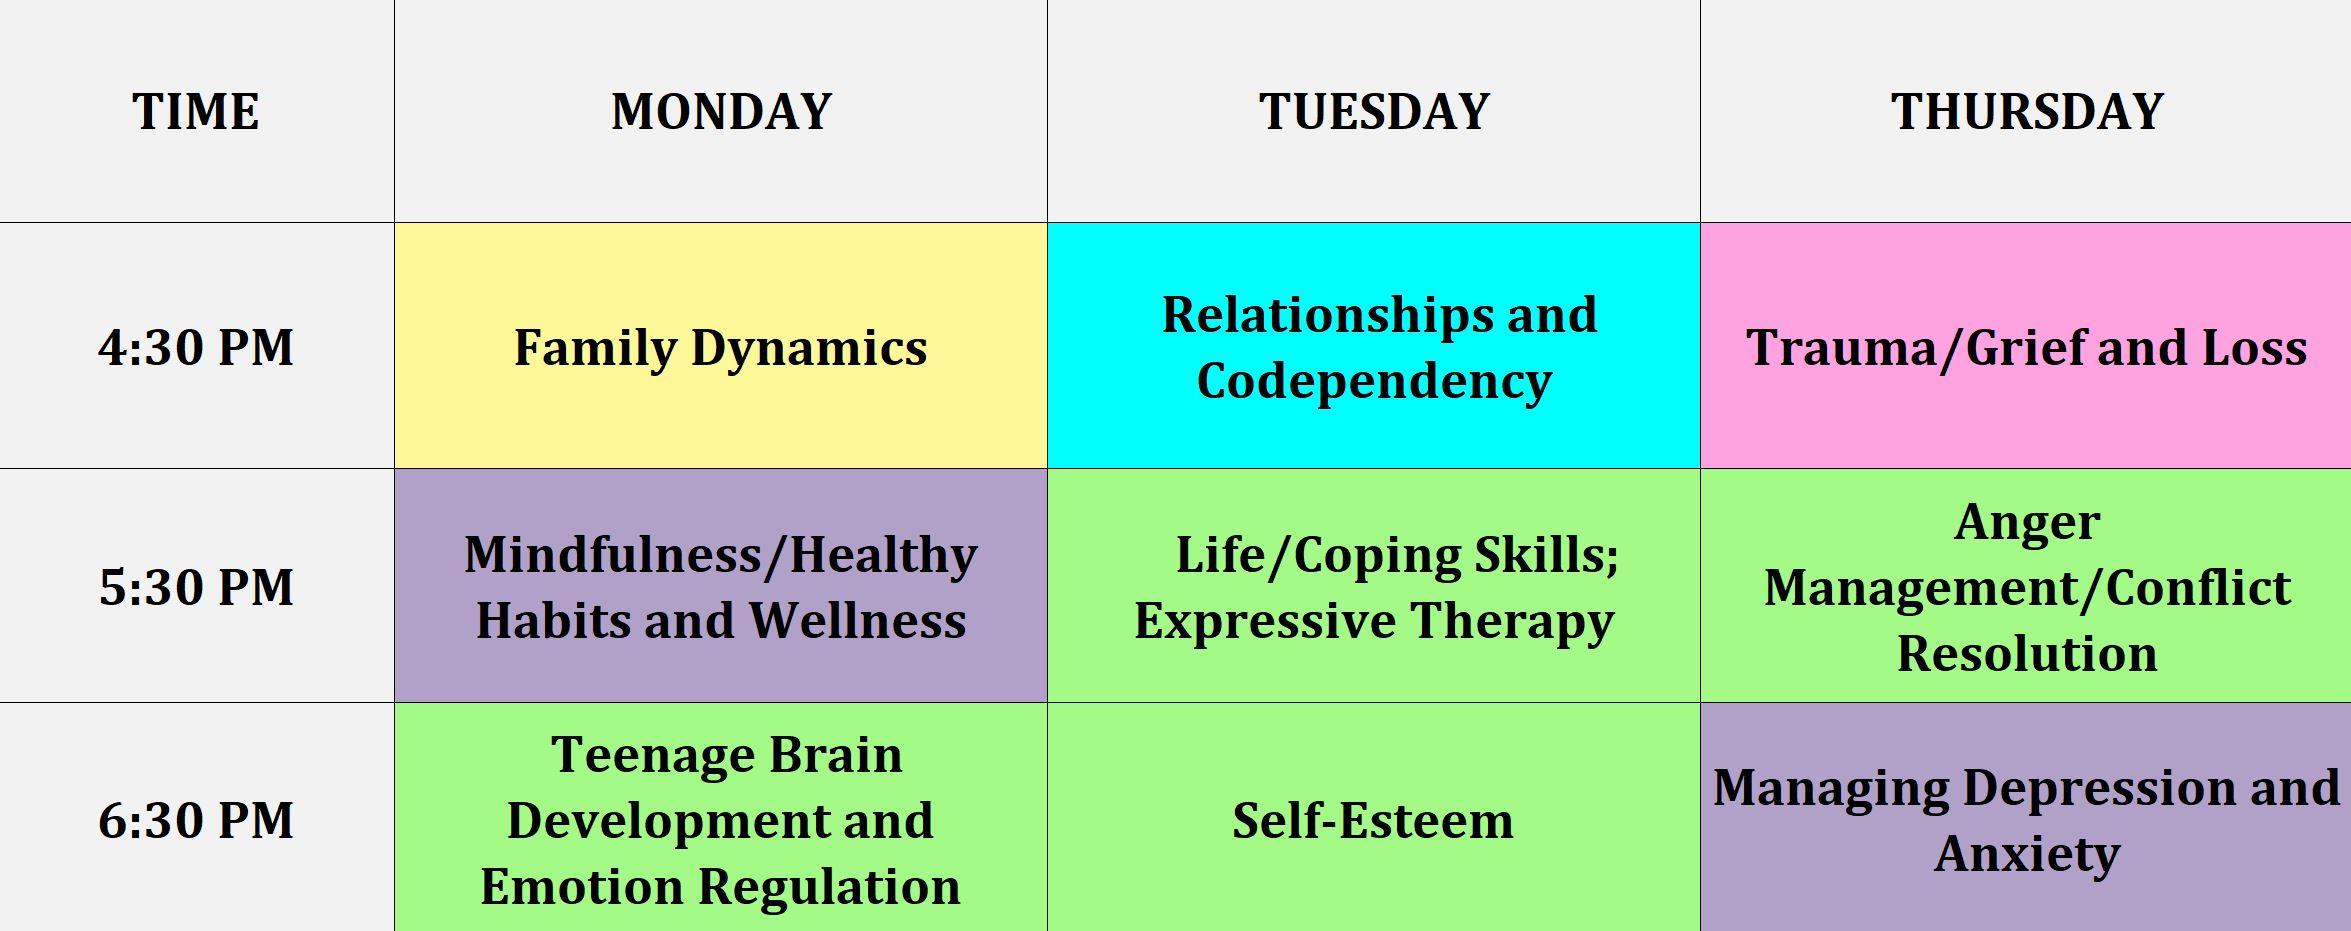 mental health iop schedule